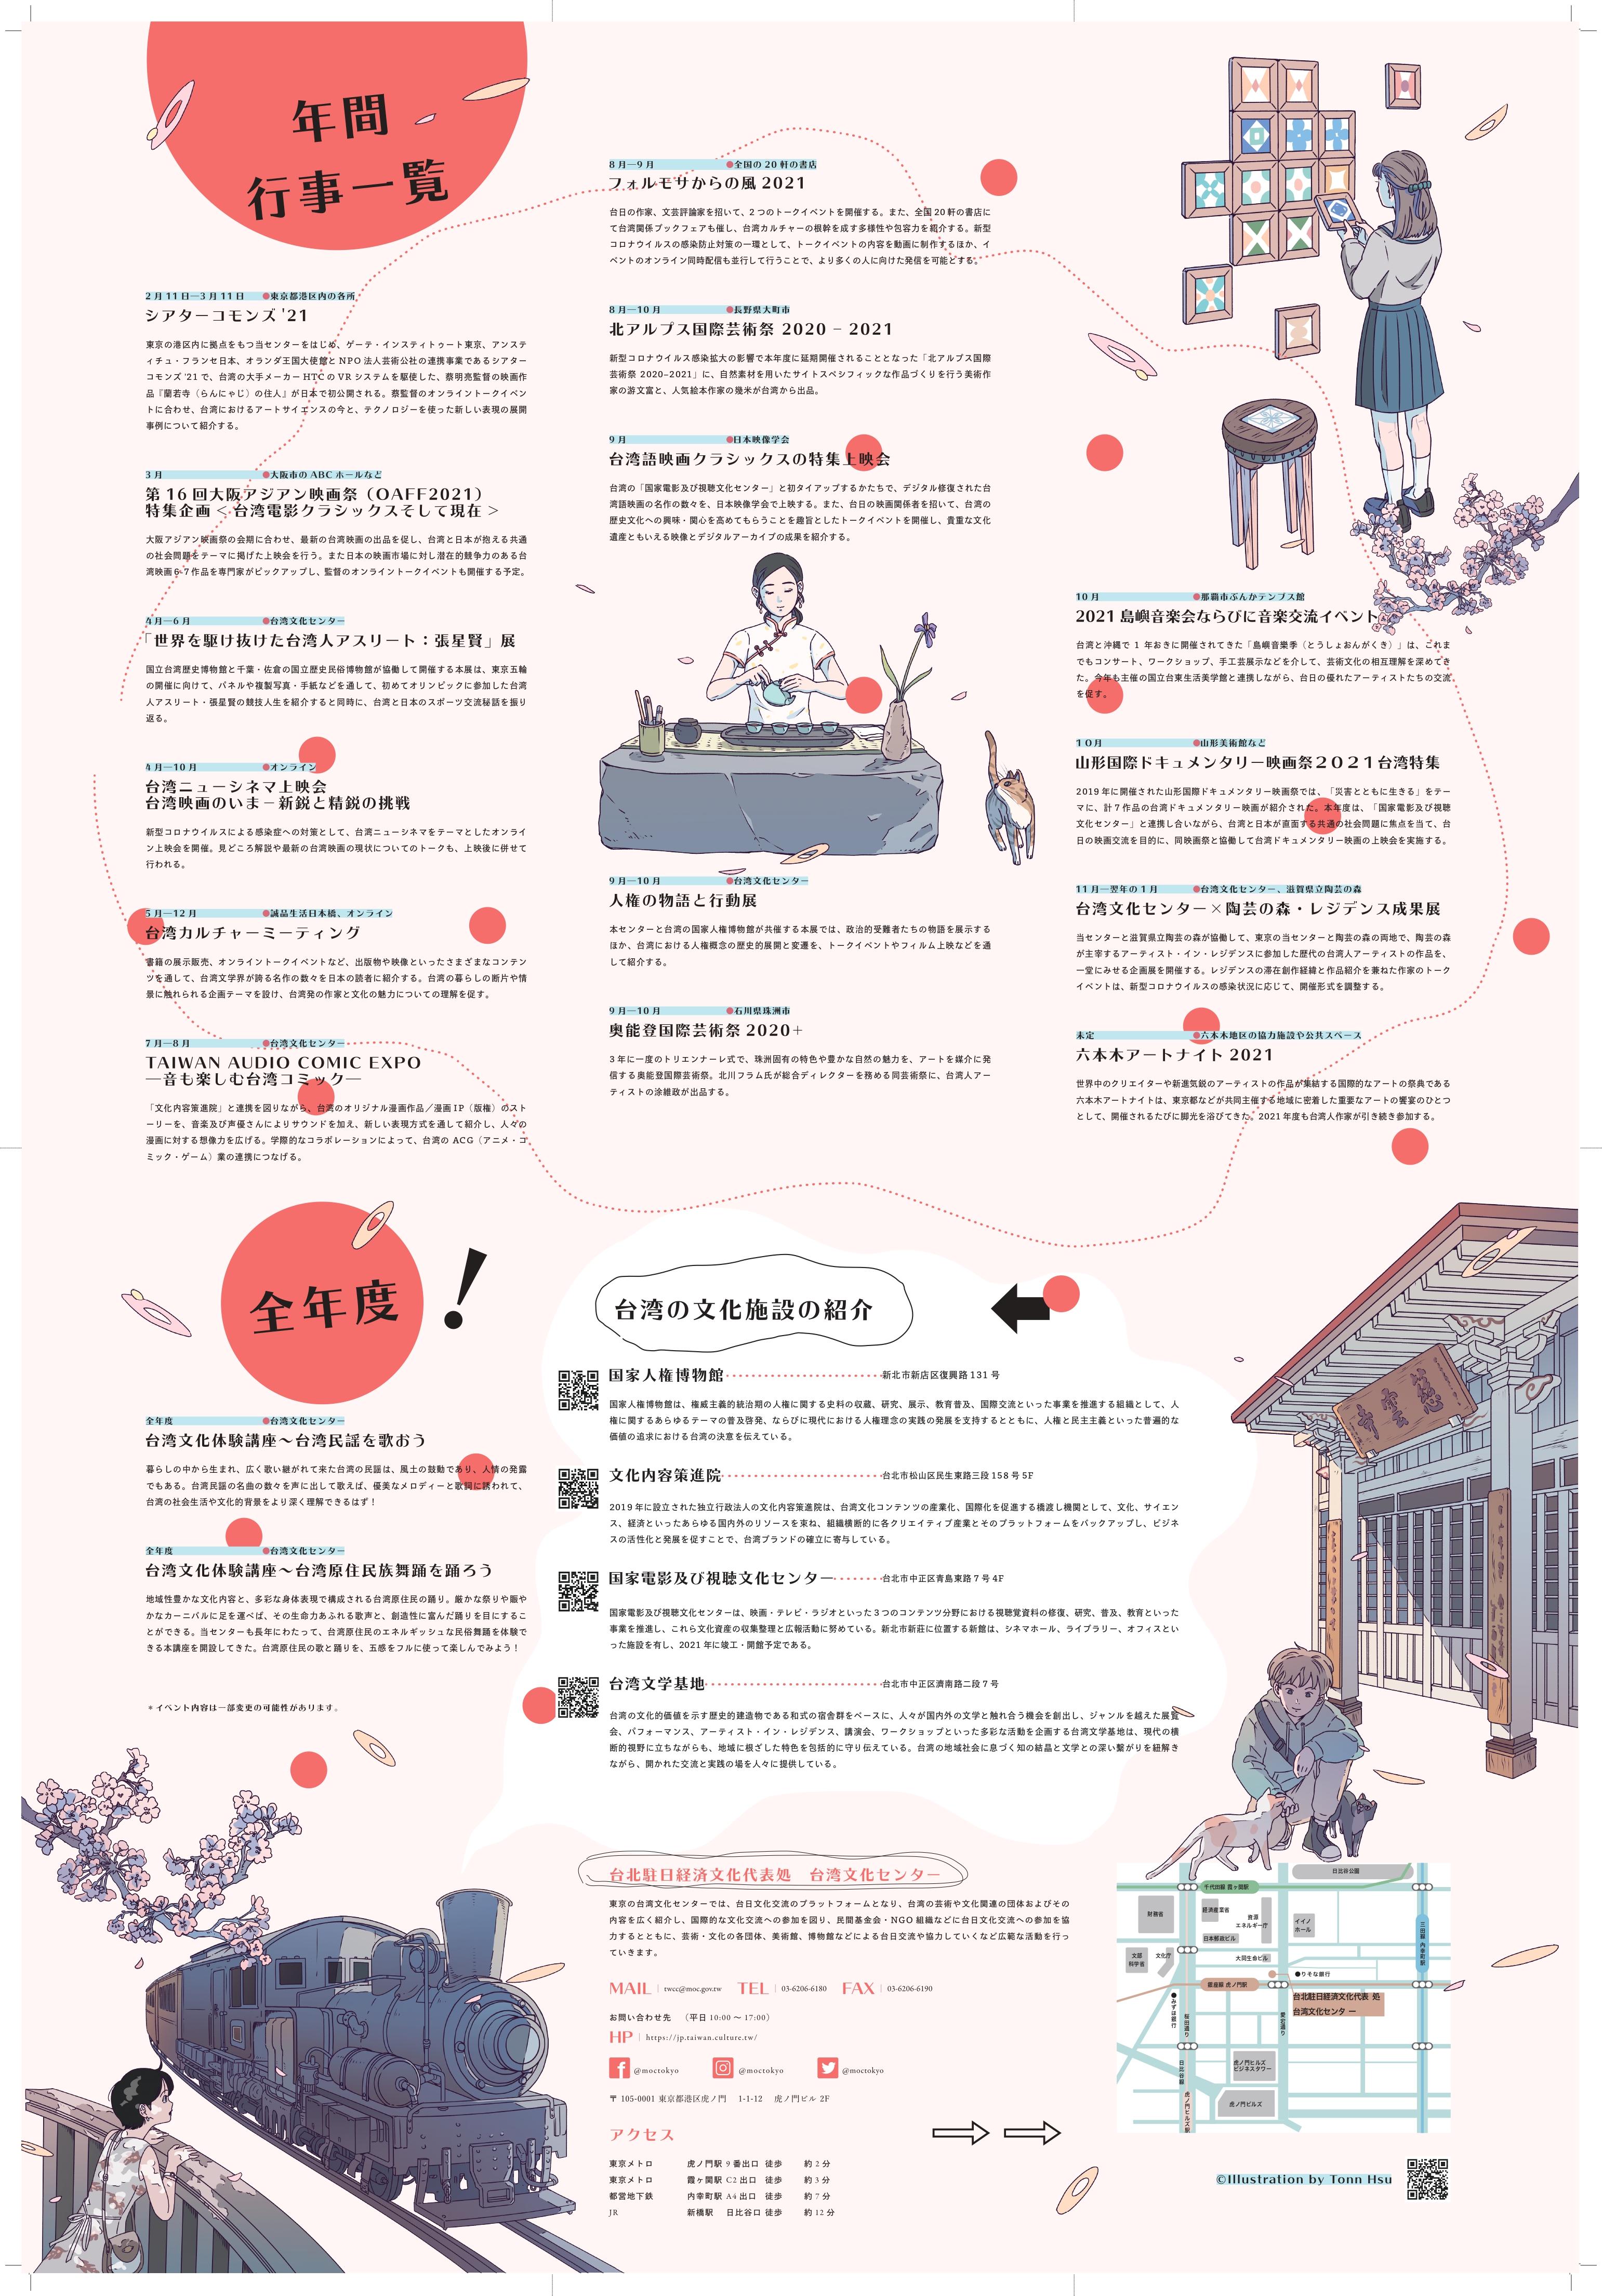 2021年度台湾文化センターパンフレット(裏).jpg